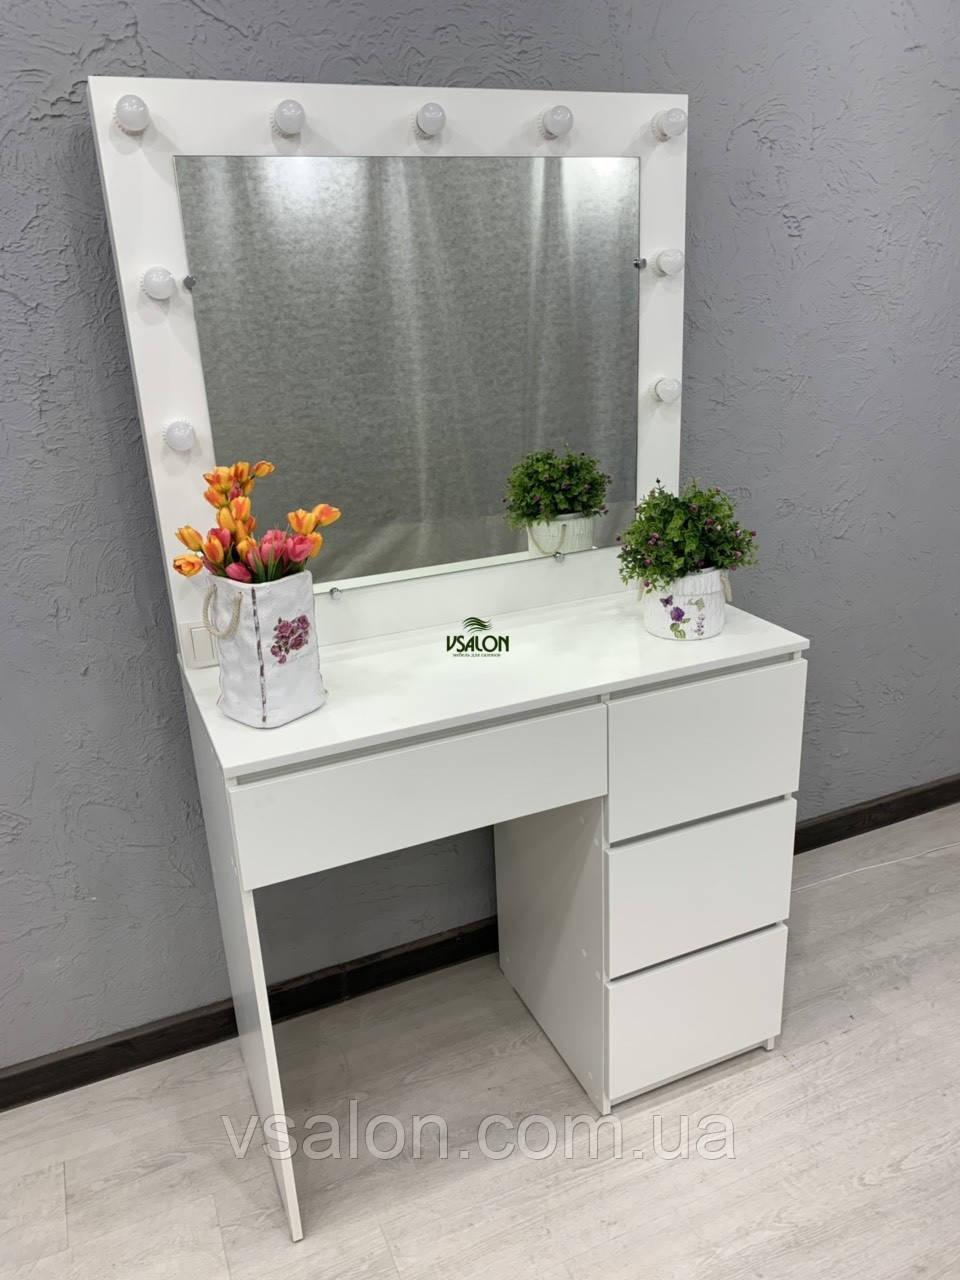 Стол для нанесения макияжа с LED лампами V456